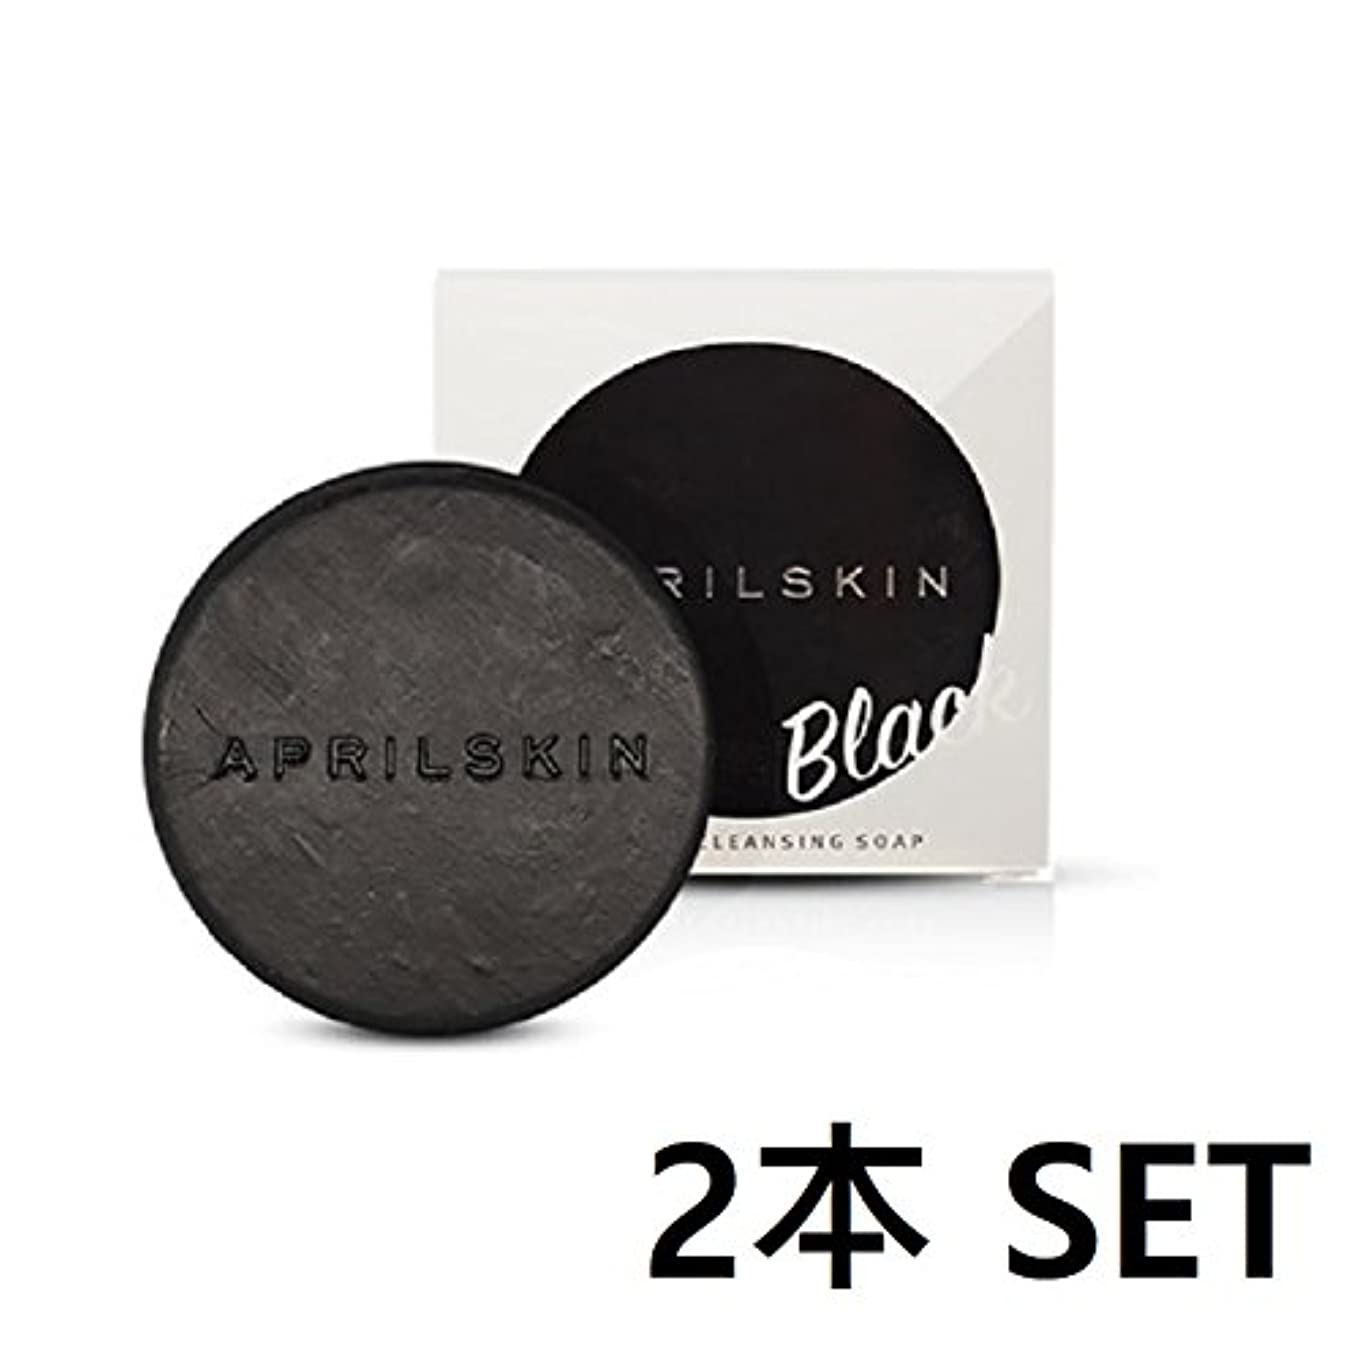 フィード脅かす独特の[APRILSKIN] エイプリルスキン国民石鹸 BLACK X 2pcs SET(APRIL SKIN magic stone マジックストーンのリニューアルバージョン新発売) (BLACK) [並行輸入品]